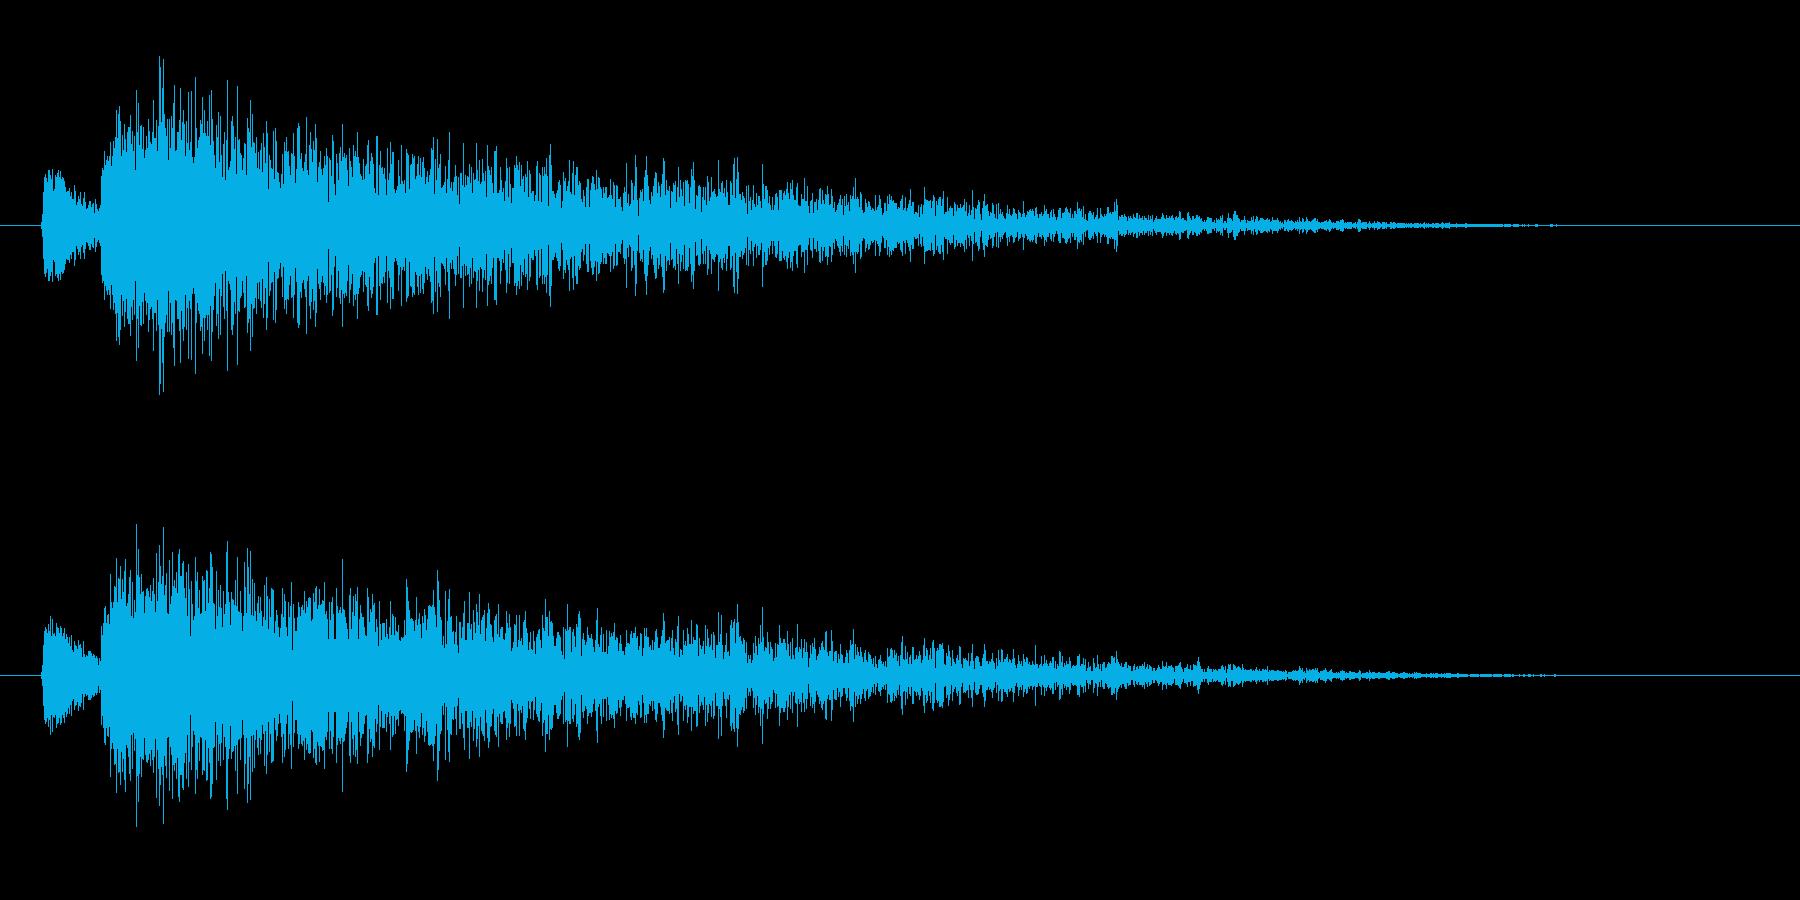 【雷 合成01-4】の再生済みの波形